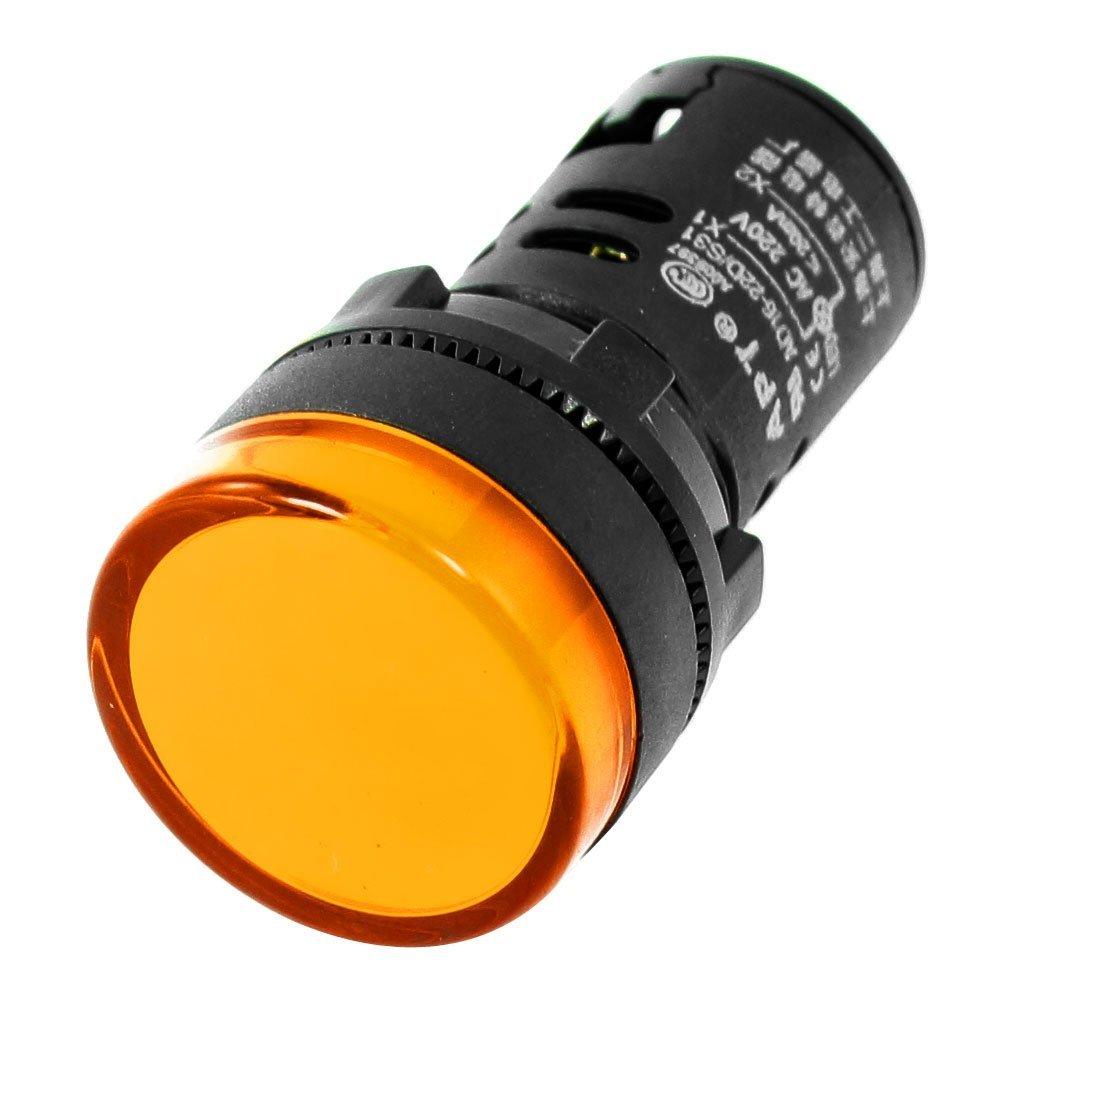 หลอดไฟสัญญาณ LED สีเหลือง ขนาด 22 มม Light Indicator Signal Pilot Lamp AC/DC 12V